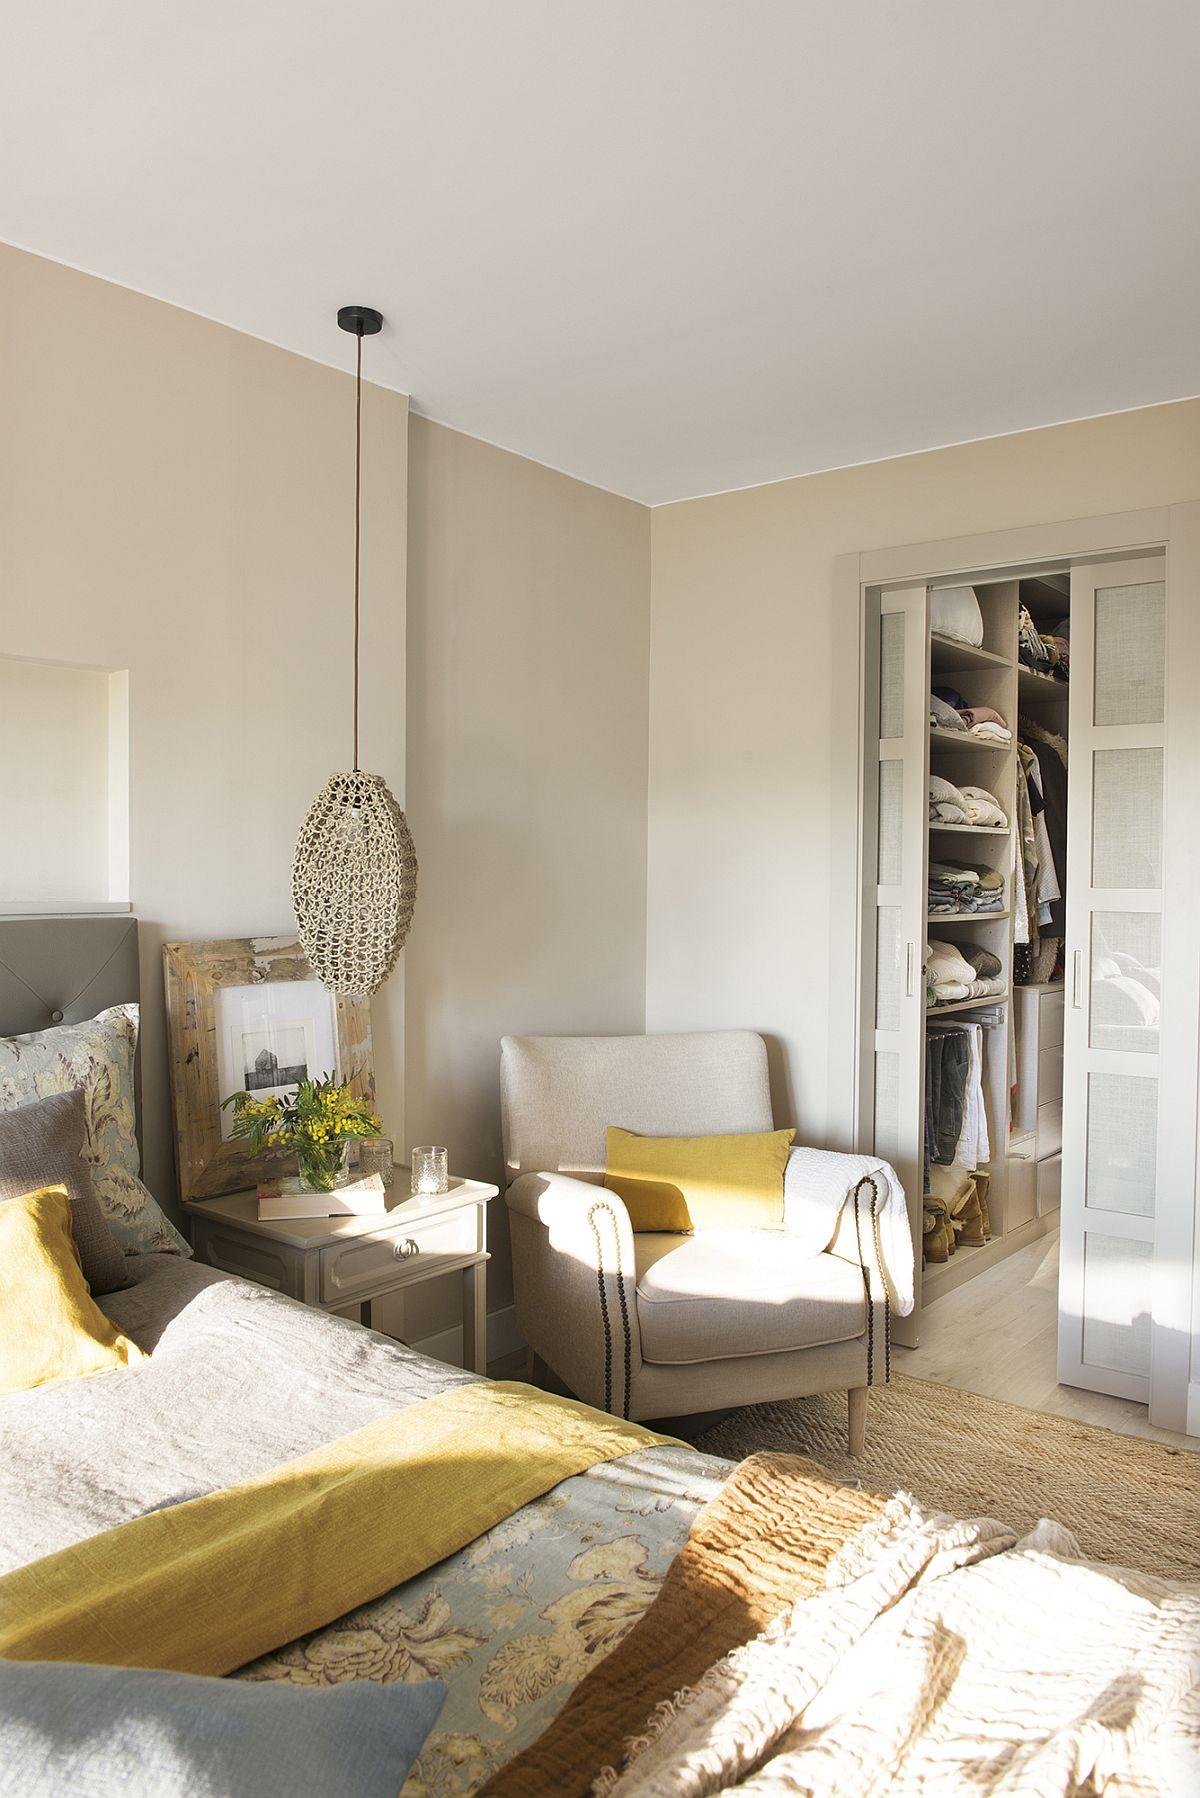 Dressingul este configurat cu ușie culisante astfel ca interiorul să poată fi cu dulapuri fără uși, dar imaginea hainelor să nu agaseze vizual din dormitor.